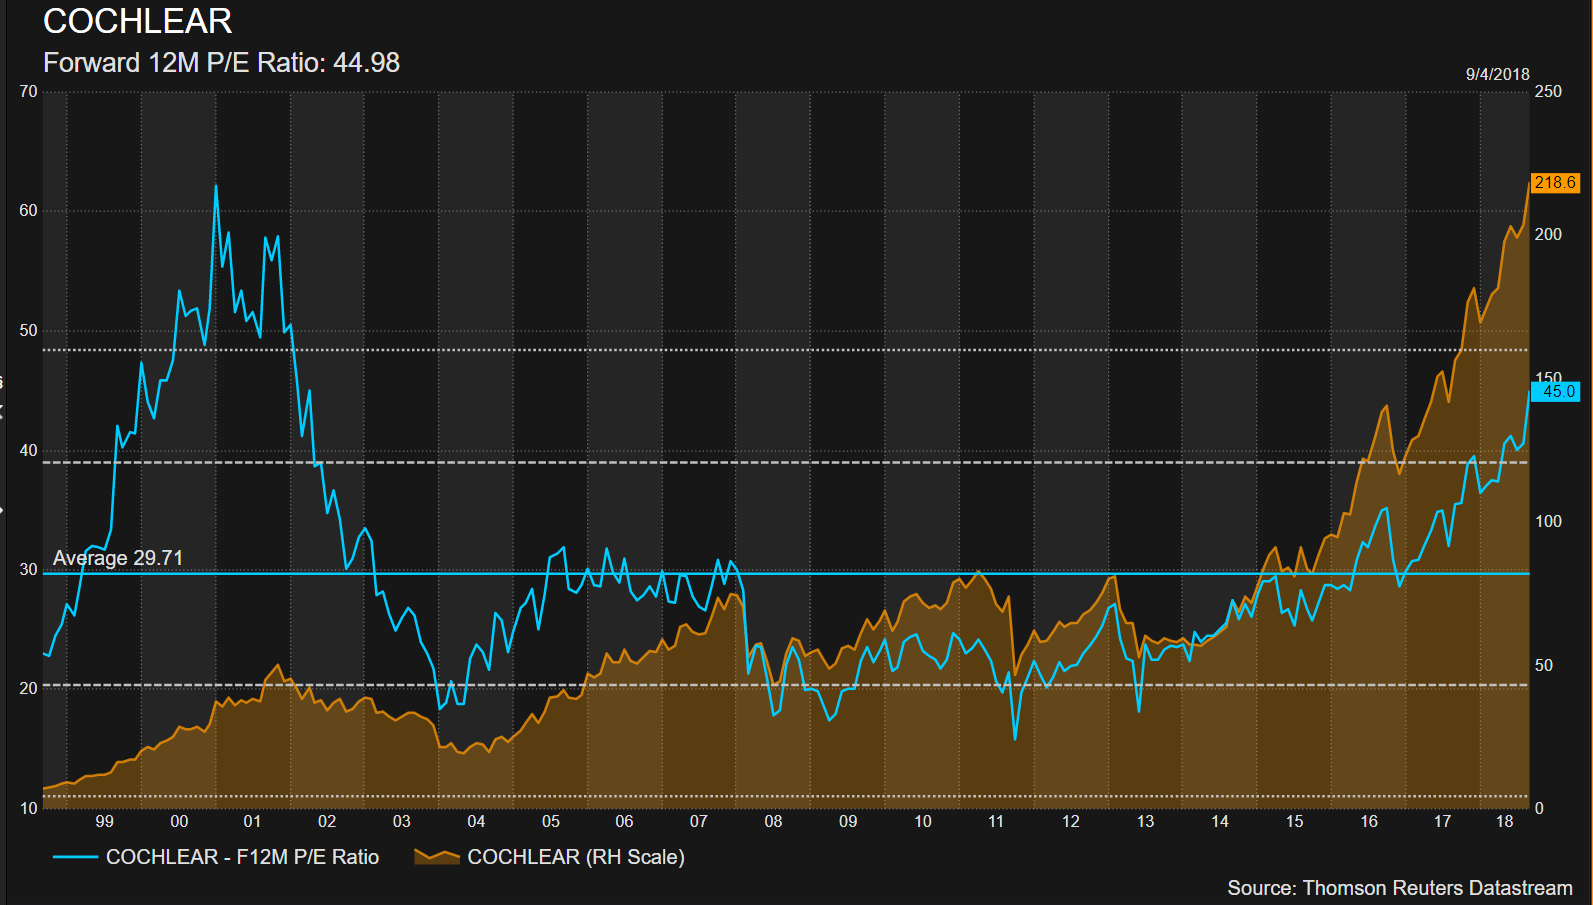 Coh valuation